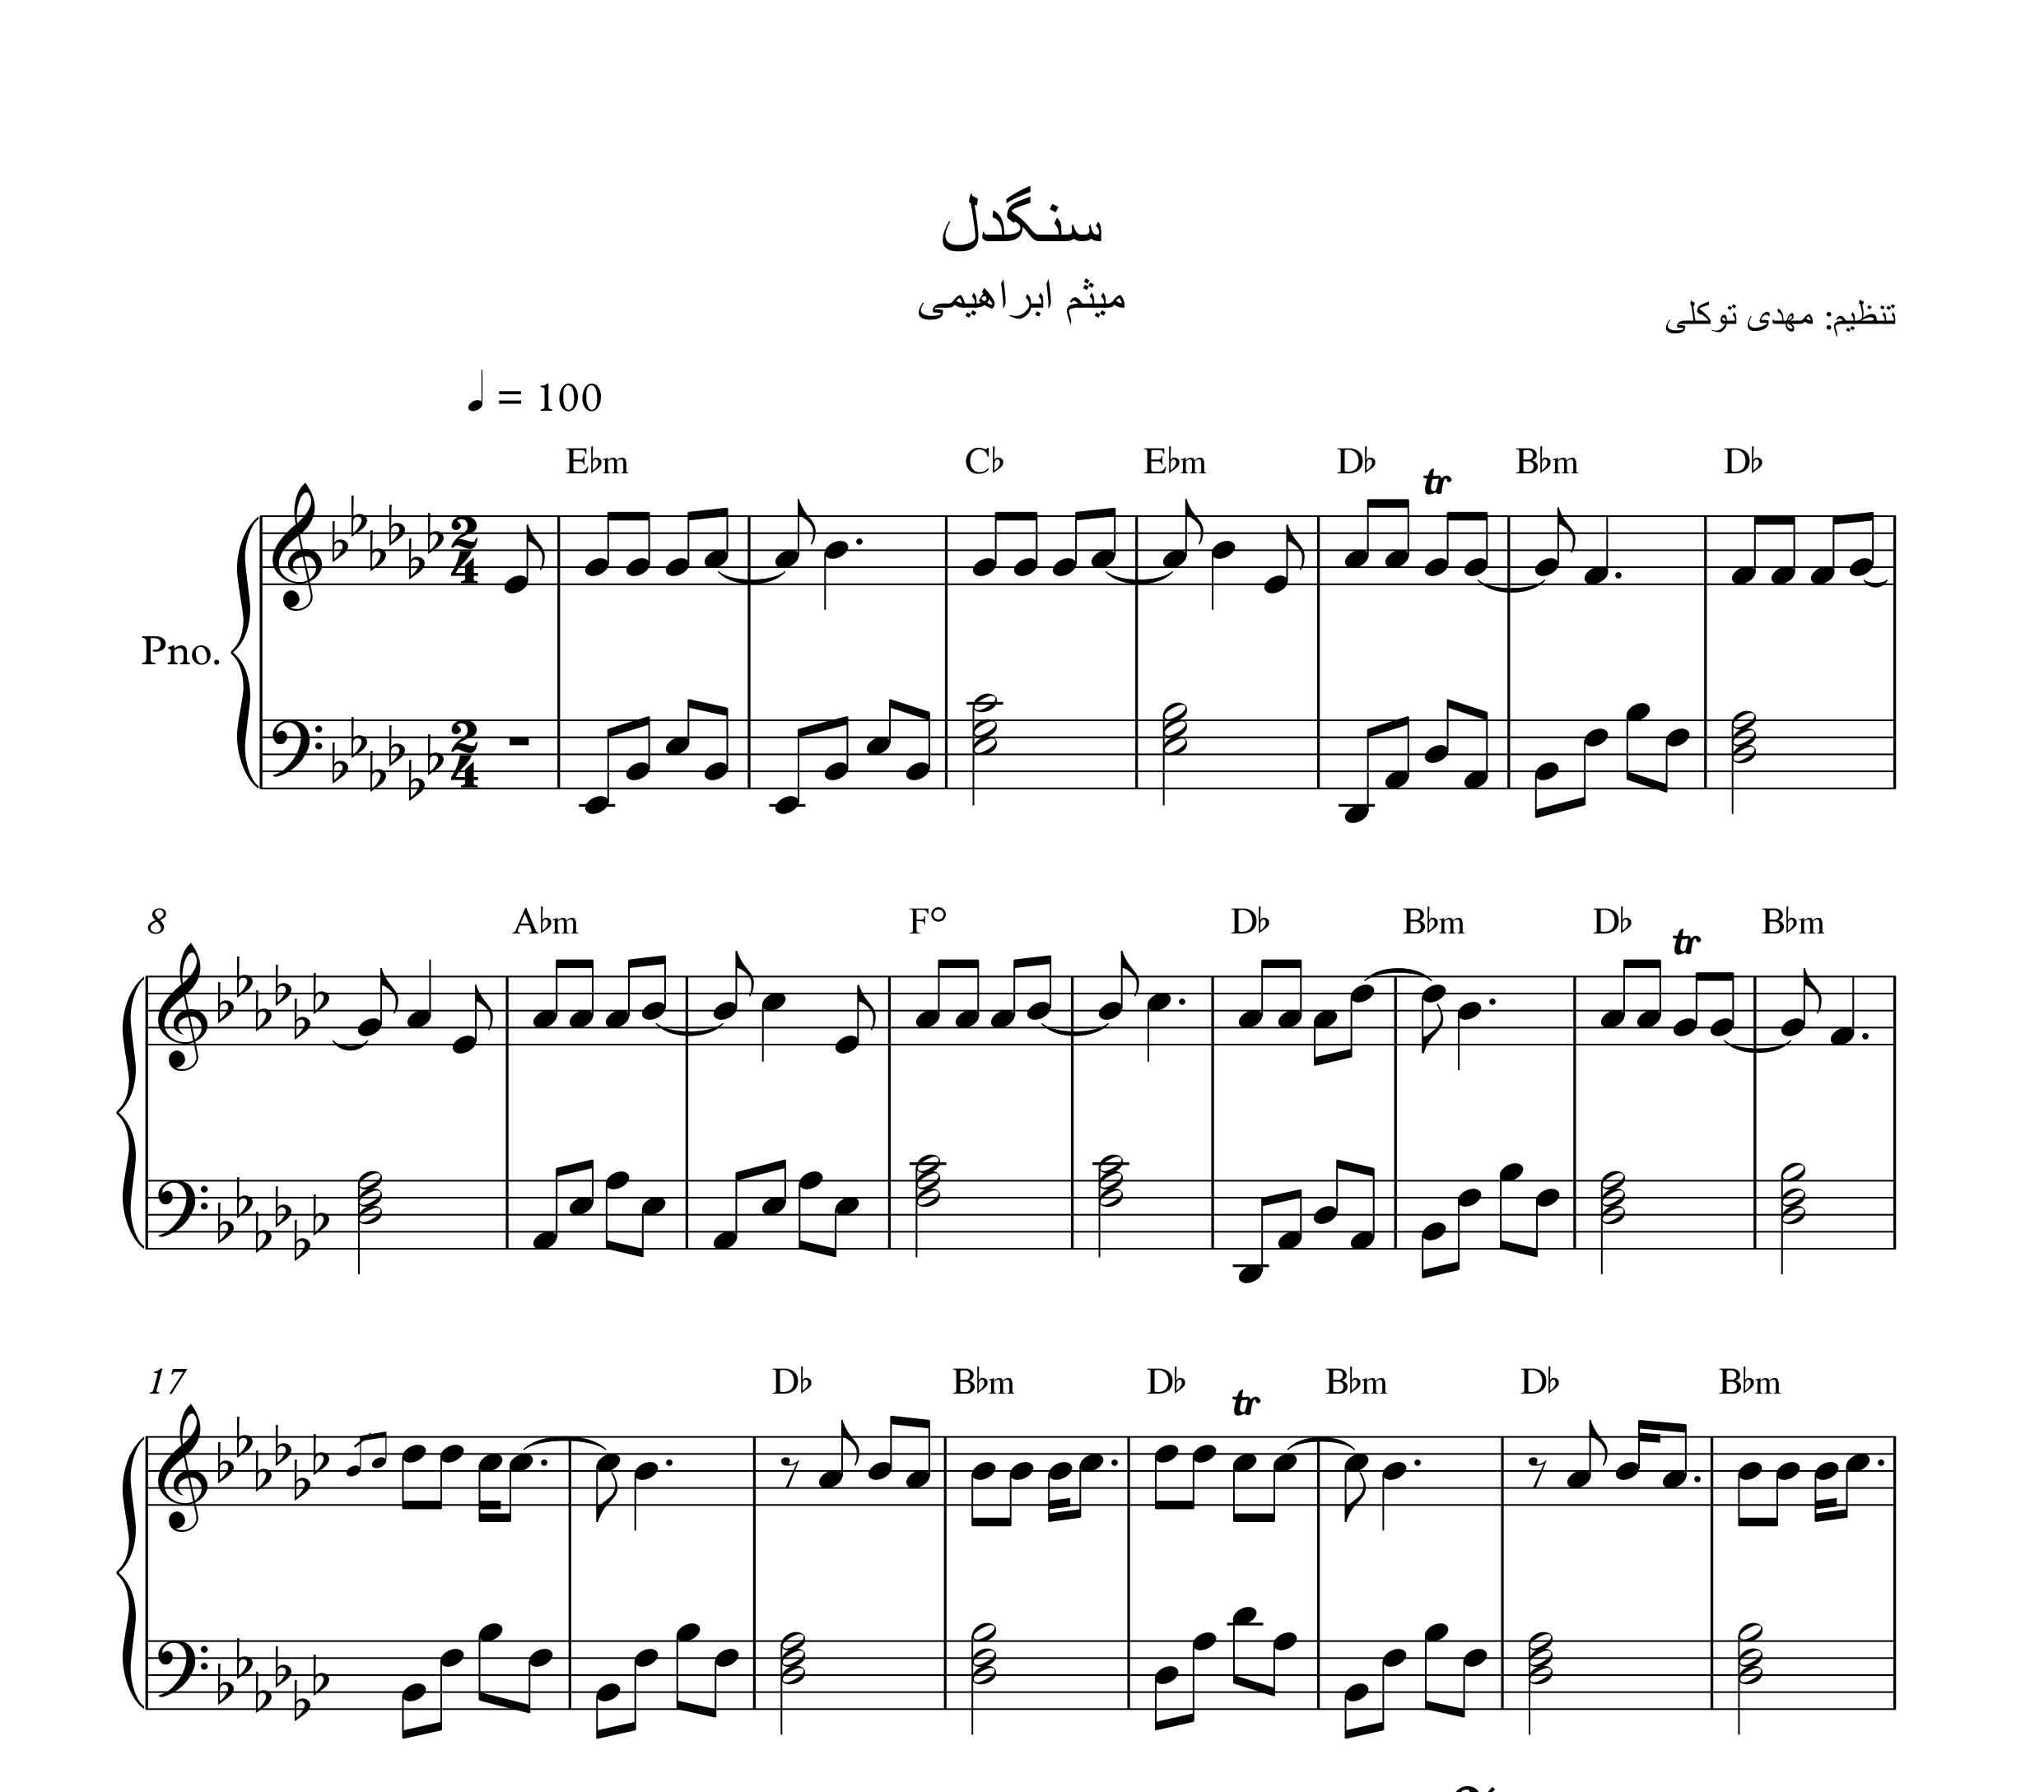 نت پیانو آهنگ سنگدل از میثم ابراهیمی